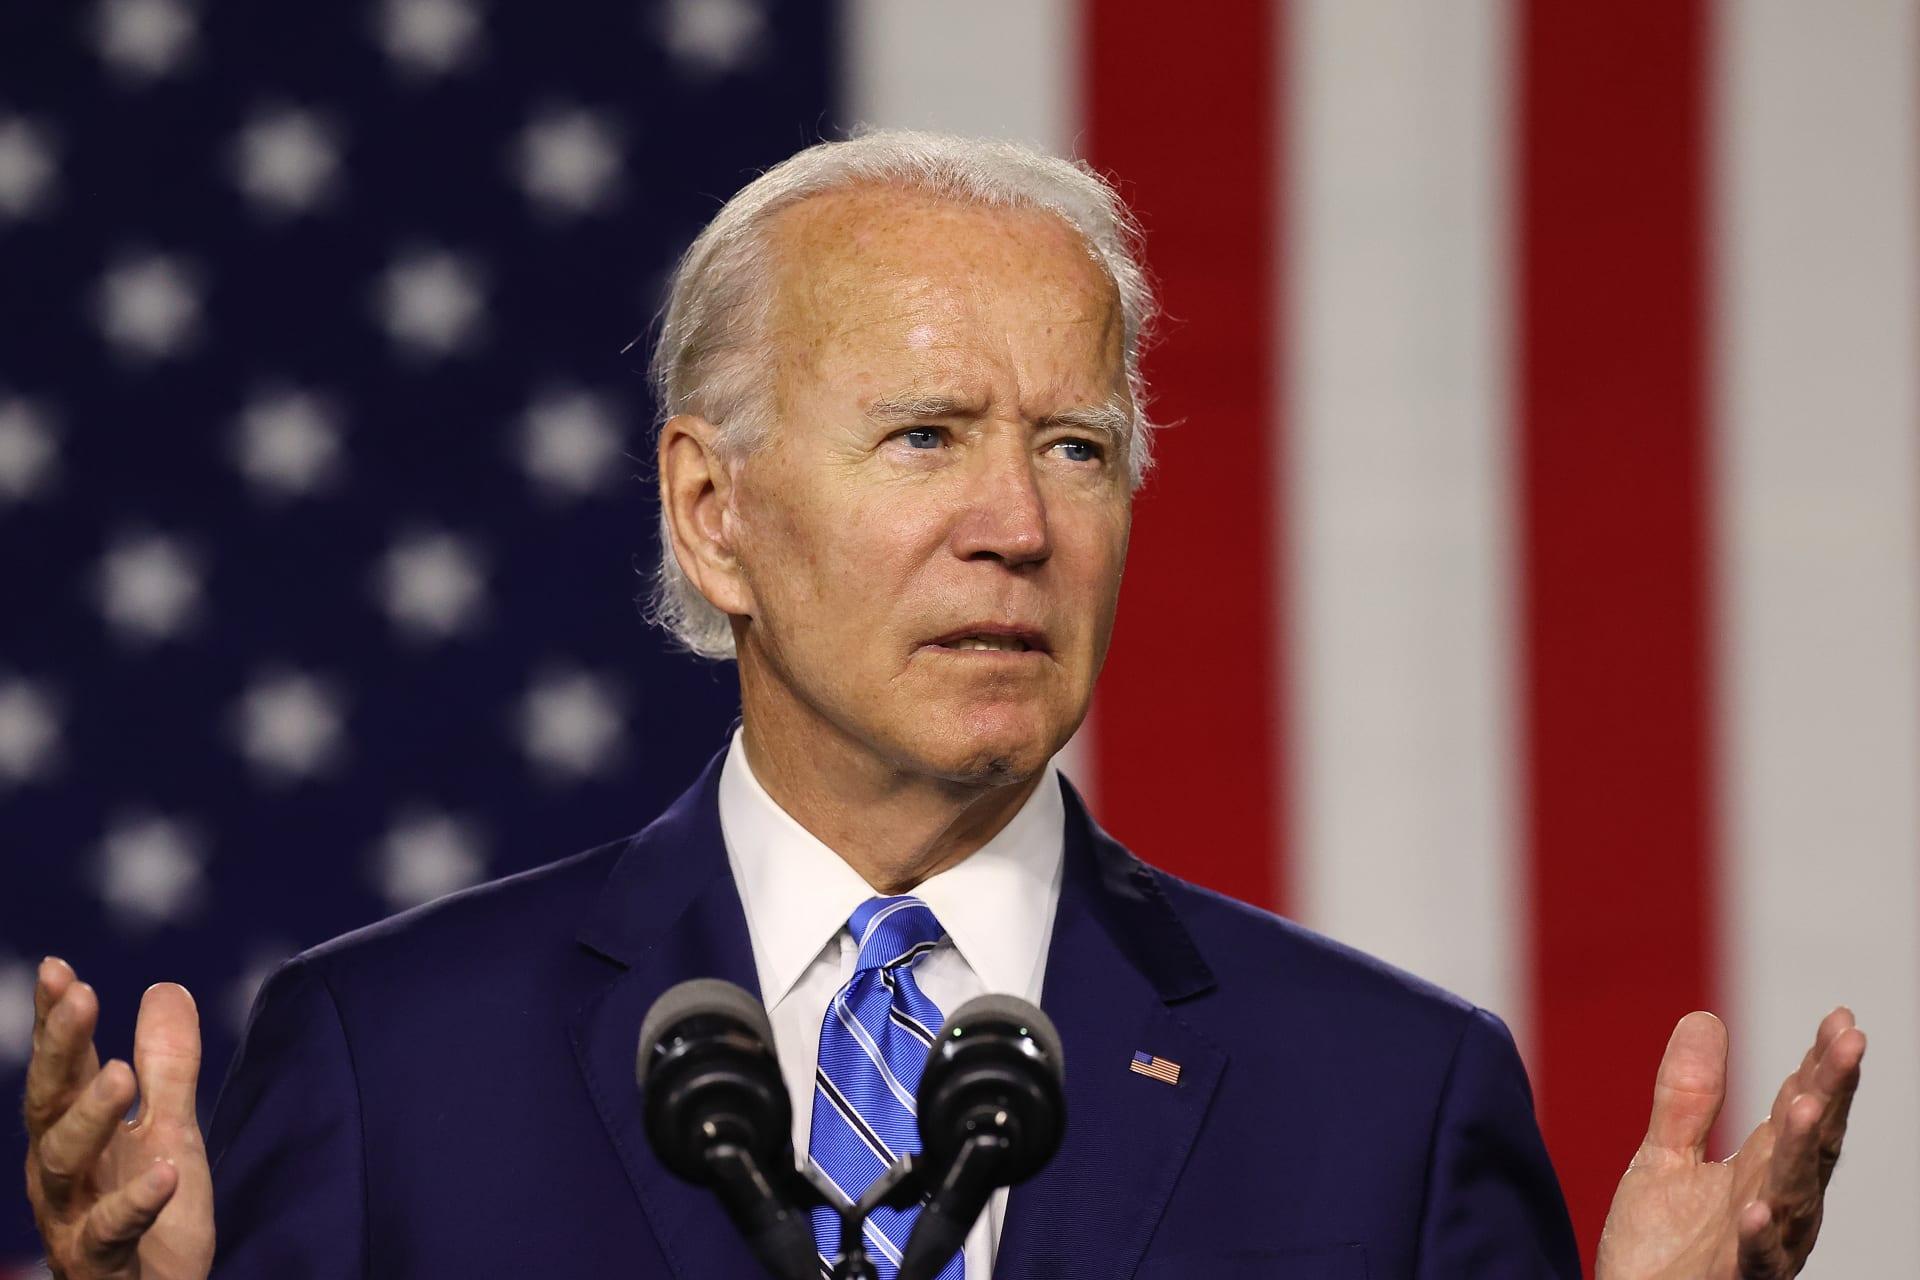 جو بايدن يداعب أصوات مليون ناخب أمريكي مسلم بحديث للنبي محمد